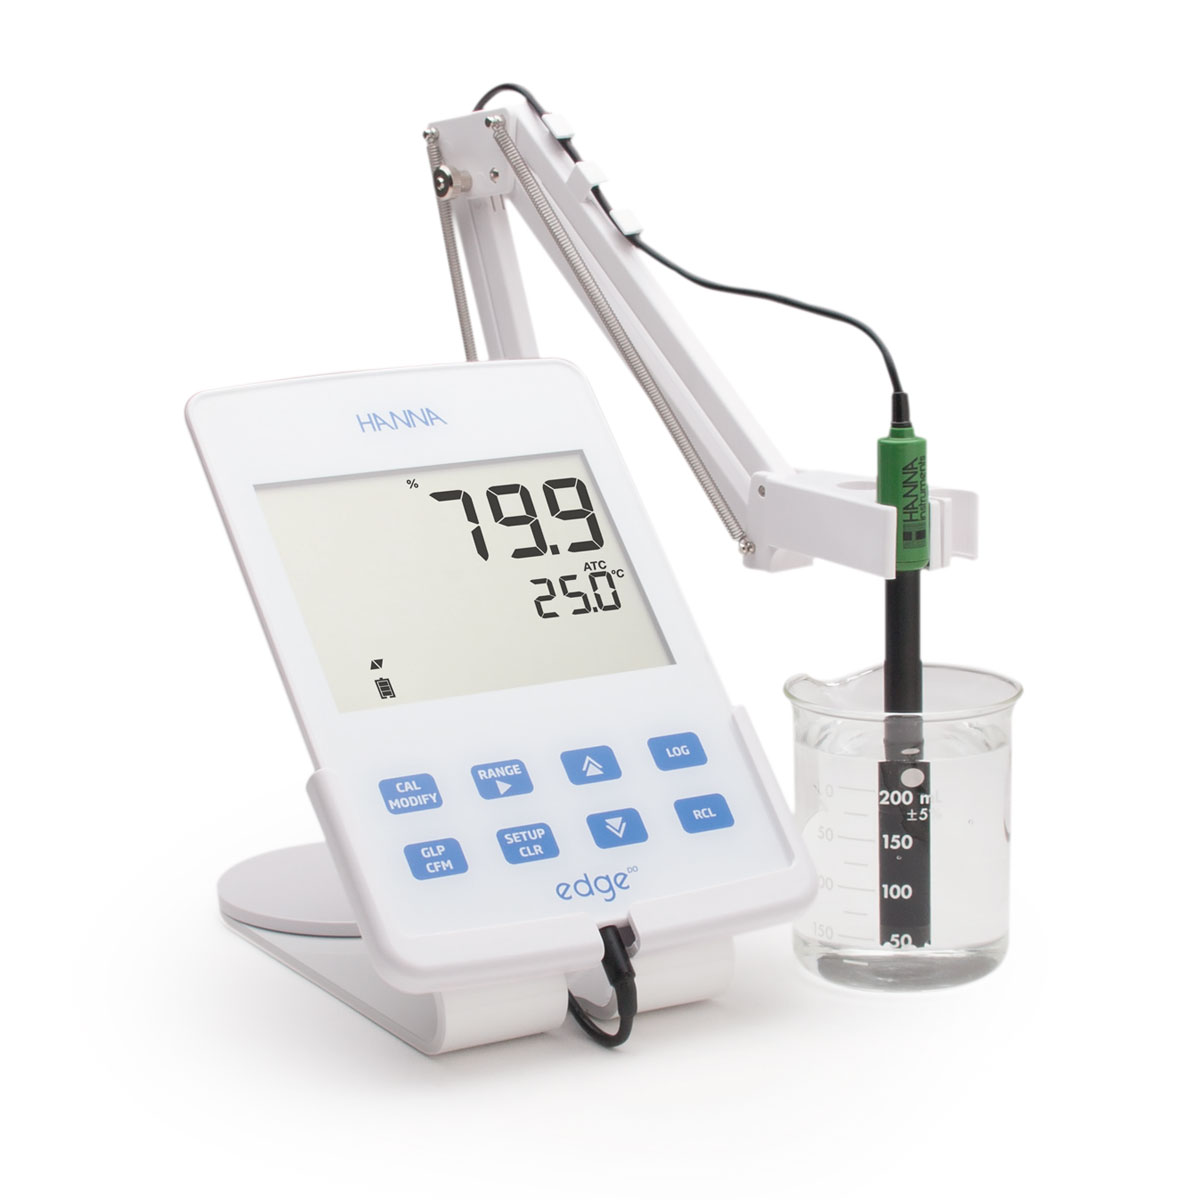 edge Dissolved Oxygen Meter In Cradle